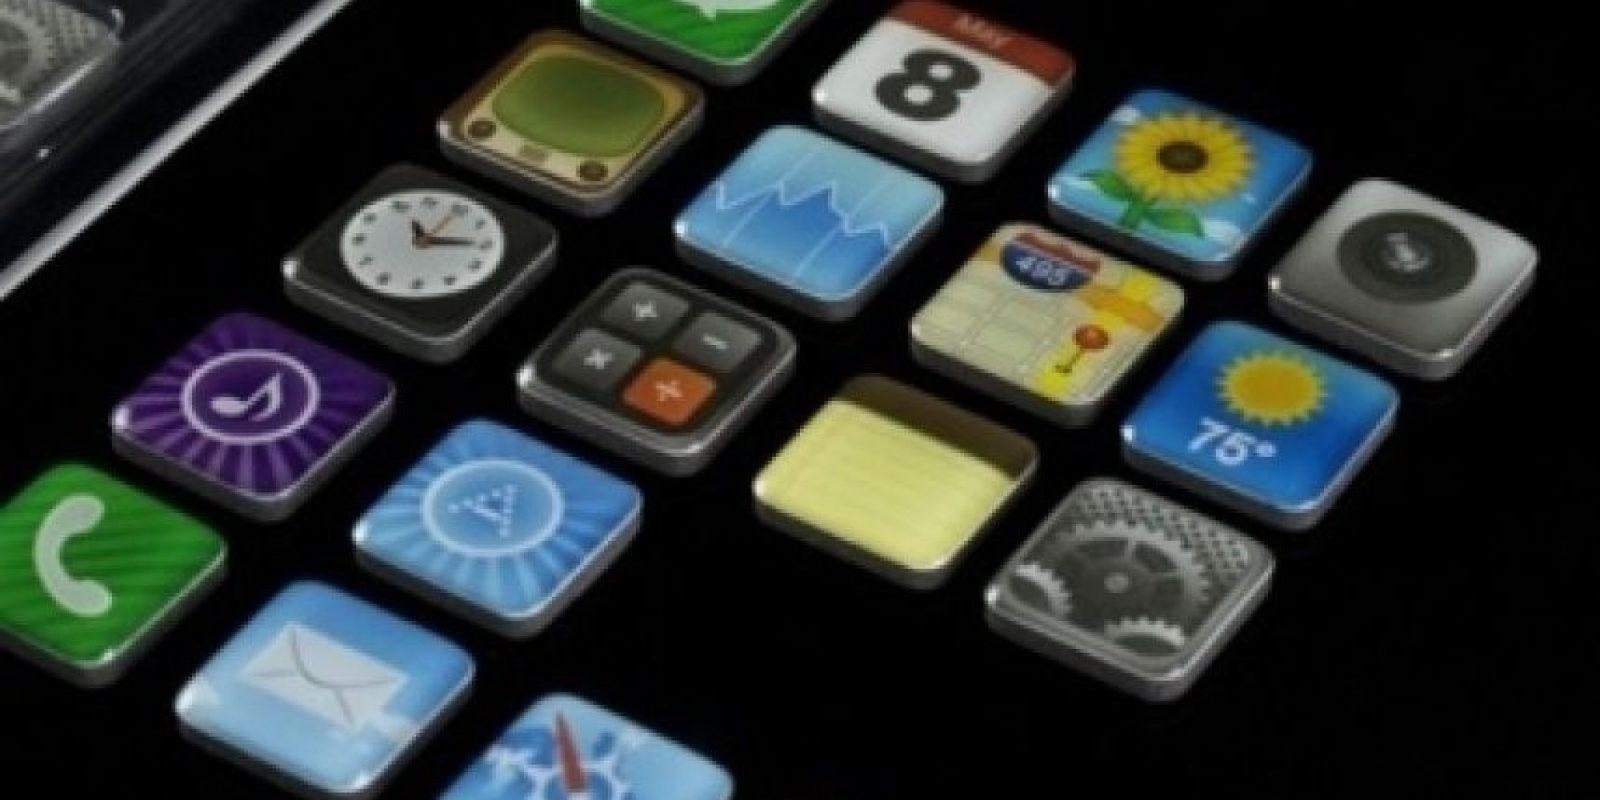 Imanes en forma de apps Foto:buzzfeed.com